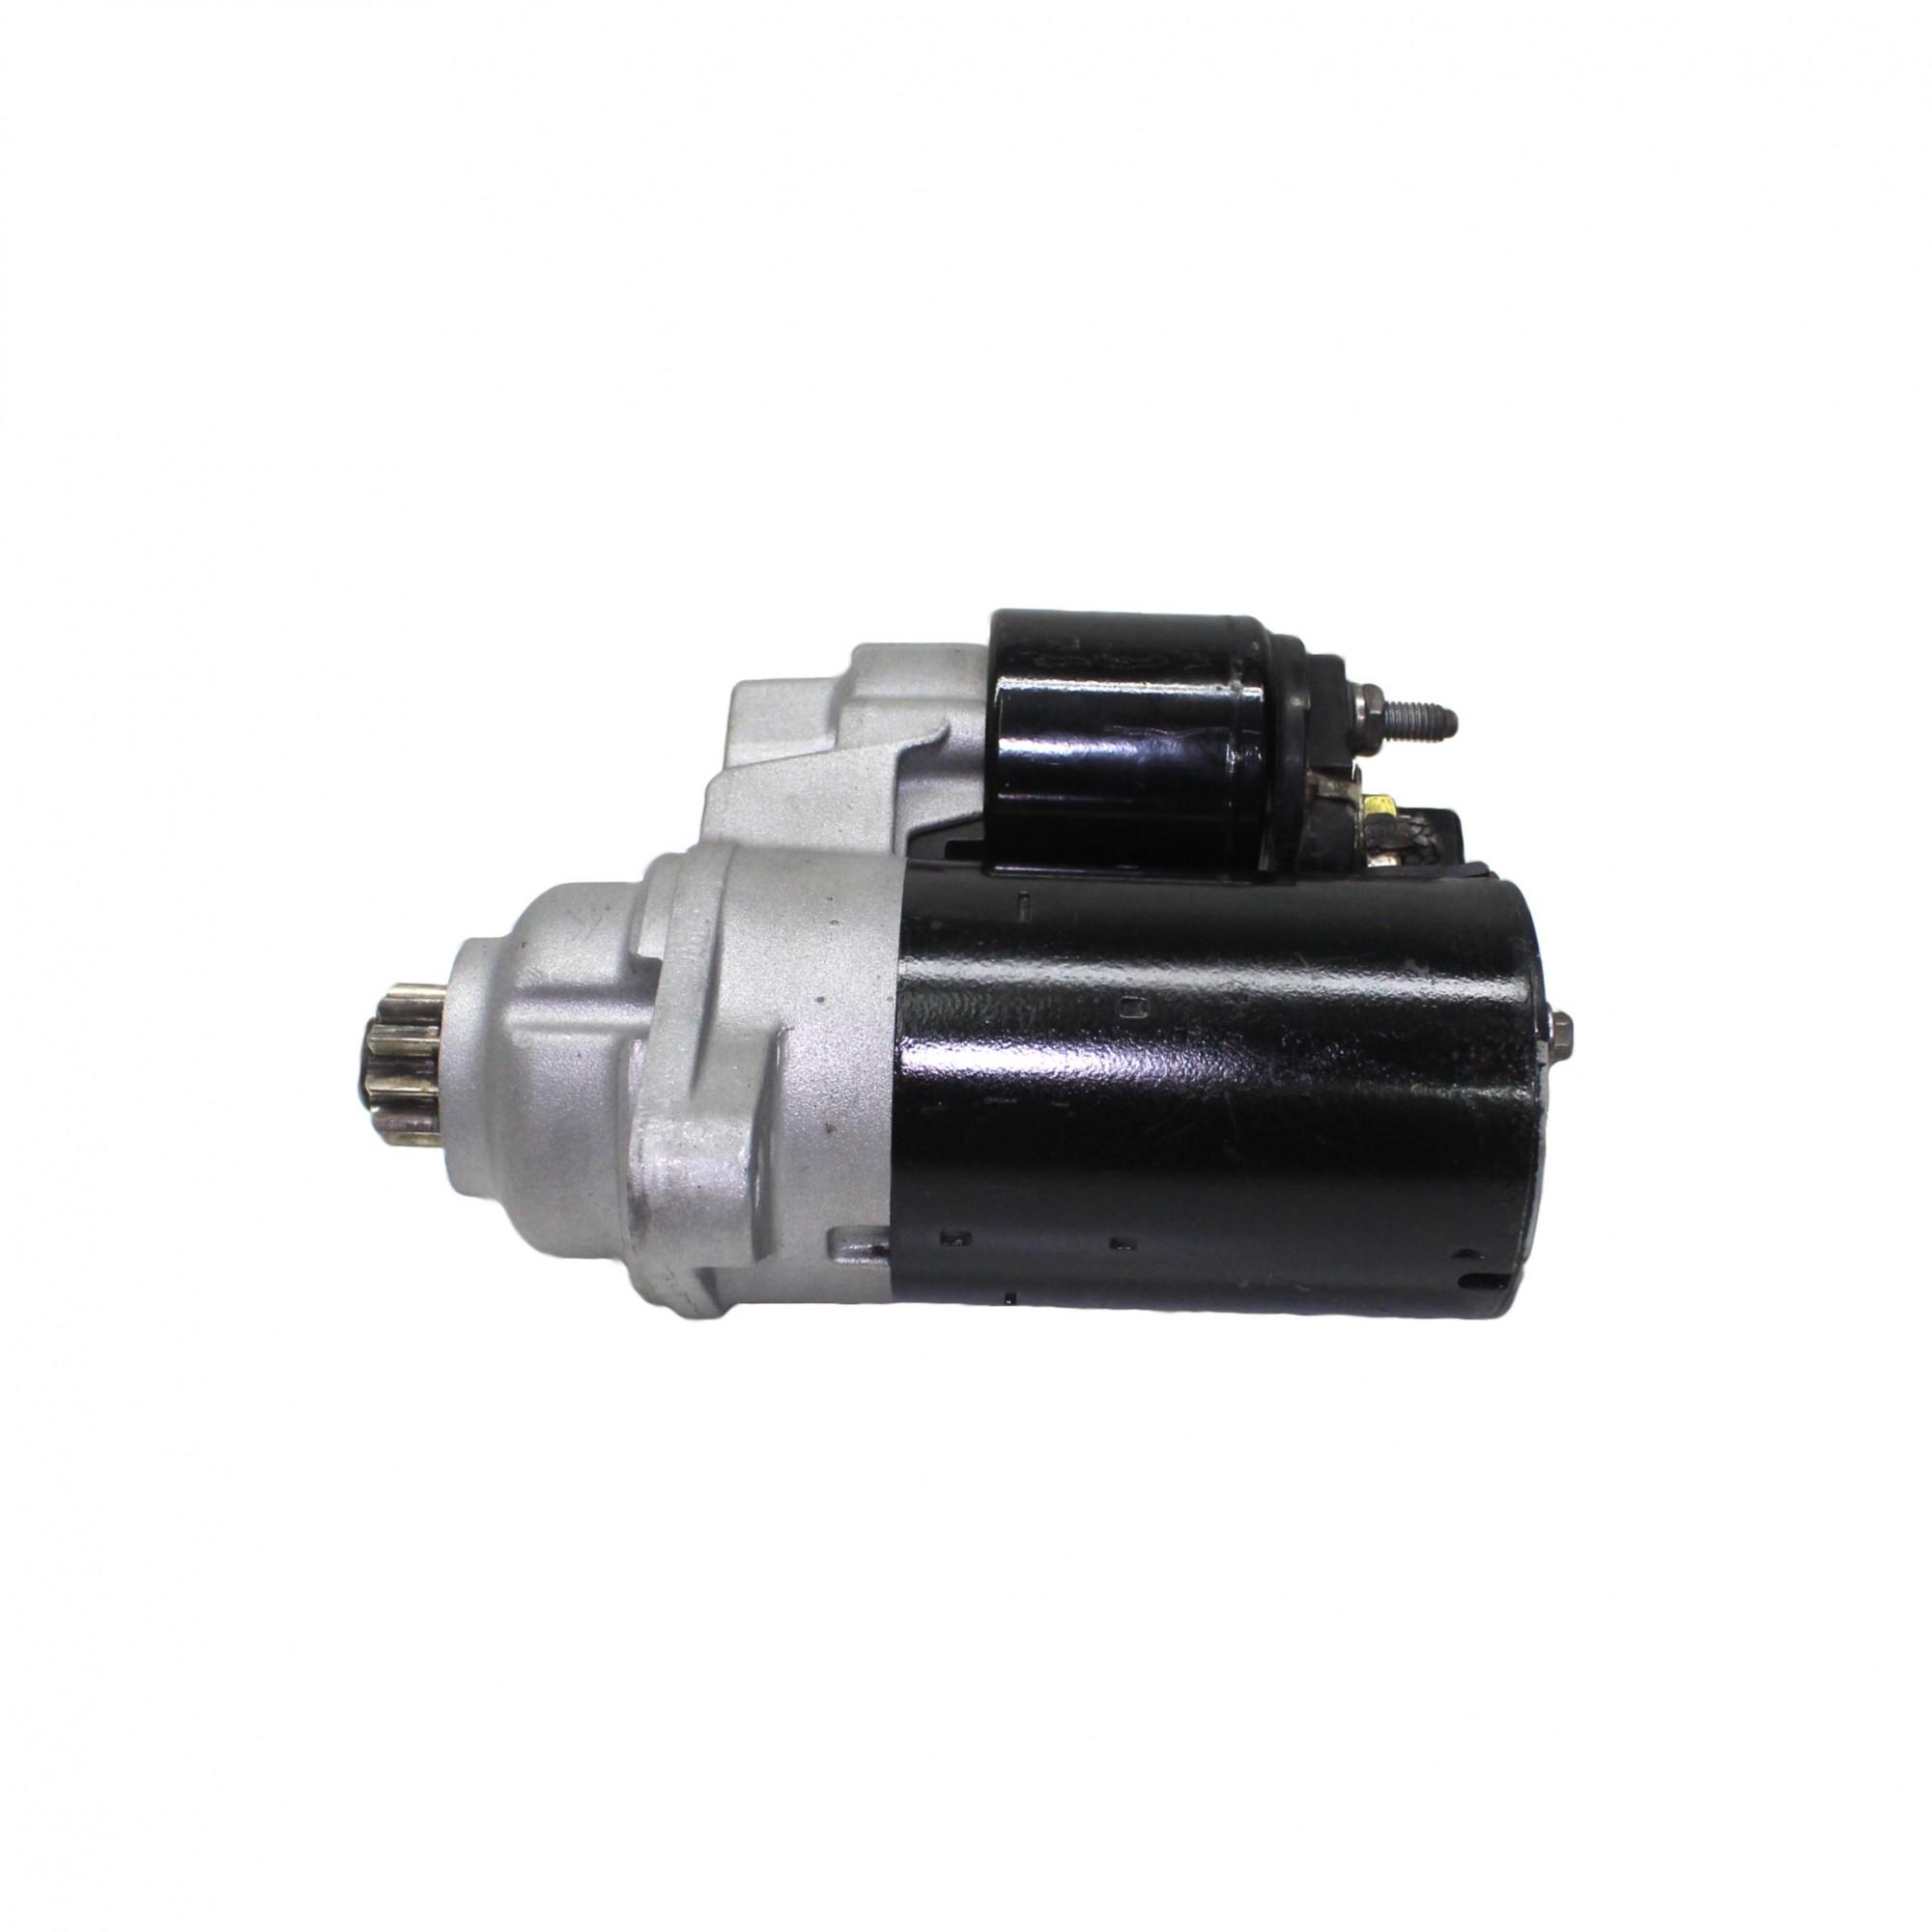 Motor de Arranque Partida Bosch Polo 03...16, Fox - 1.0, 1.6 02T911023E